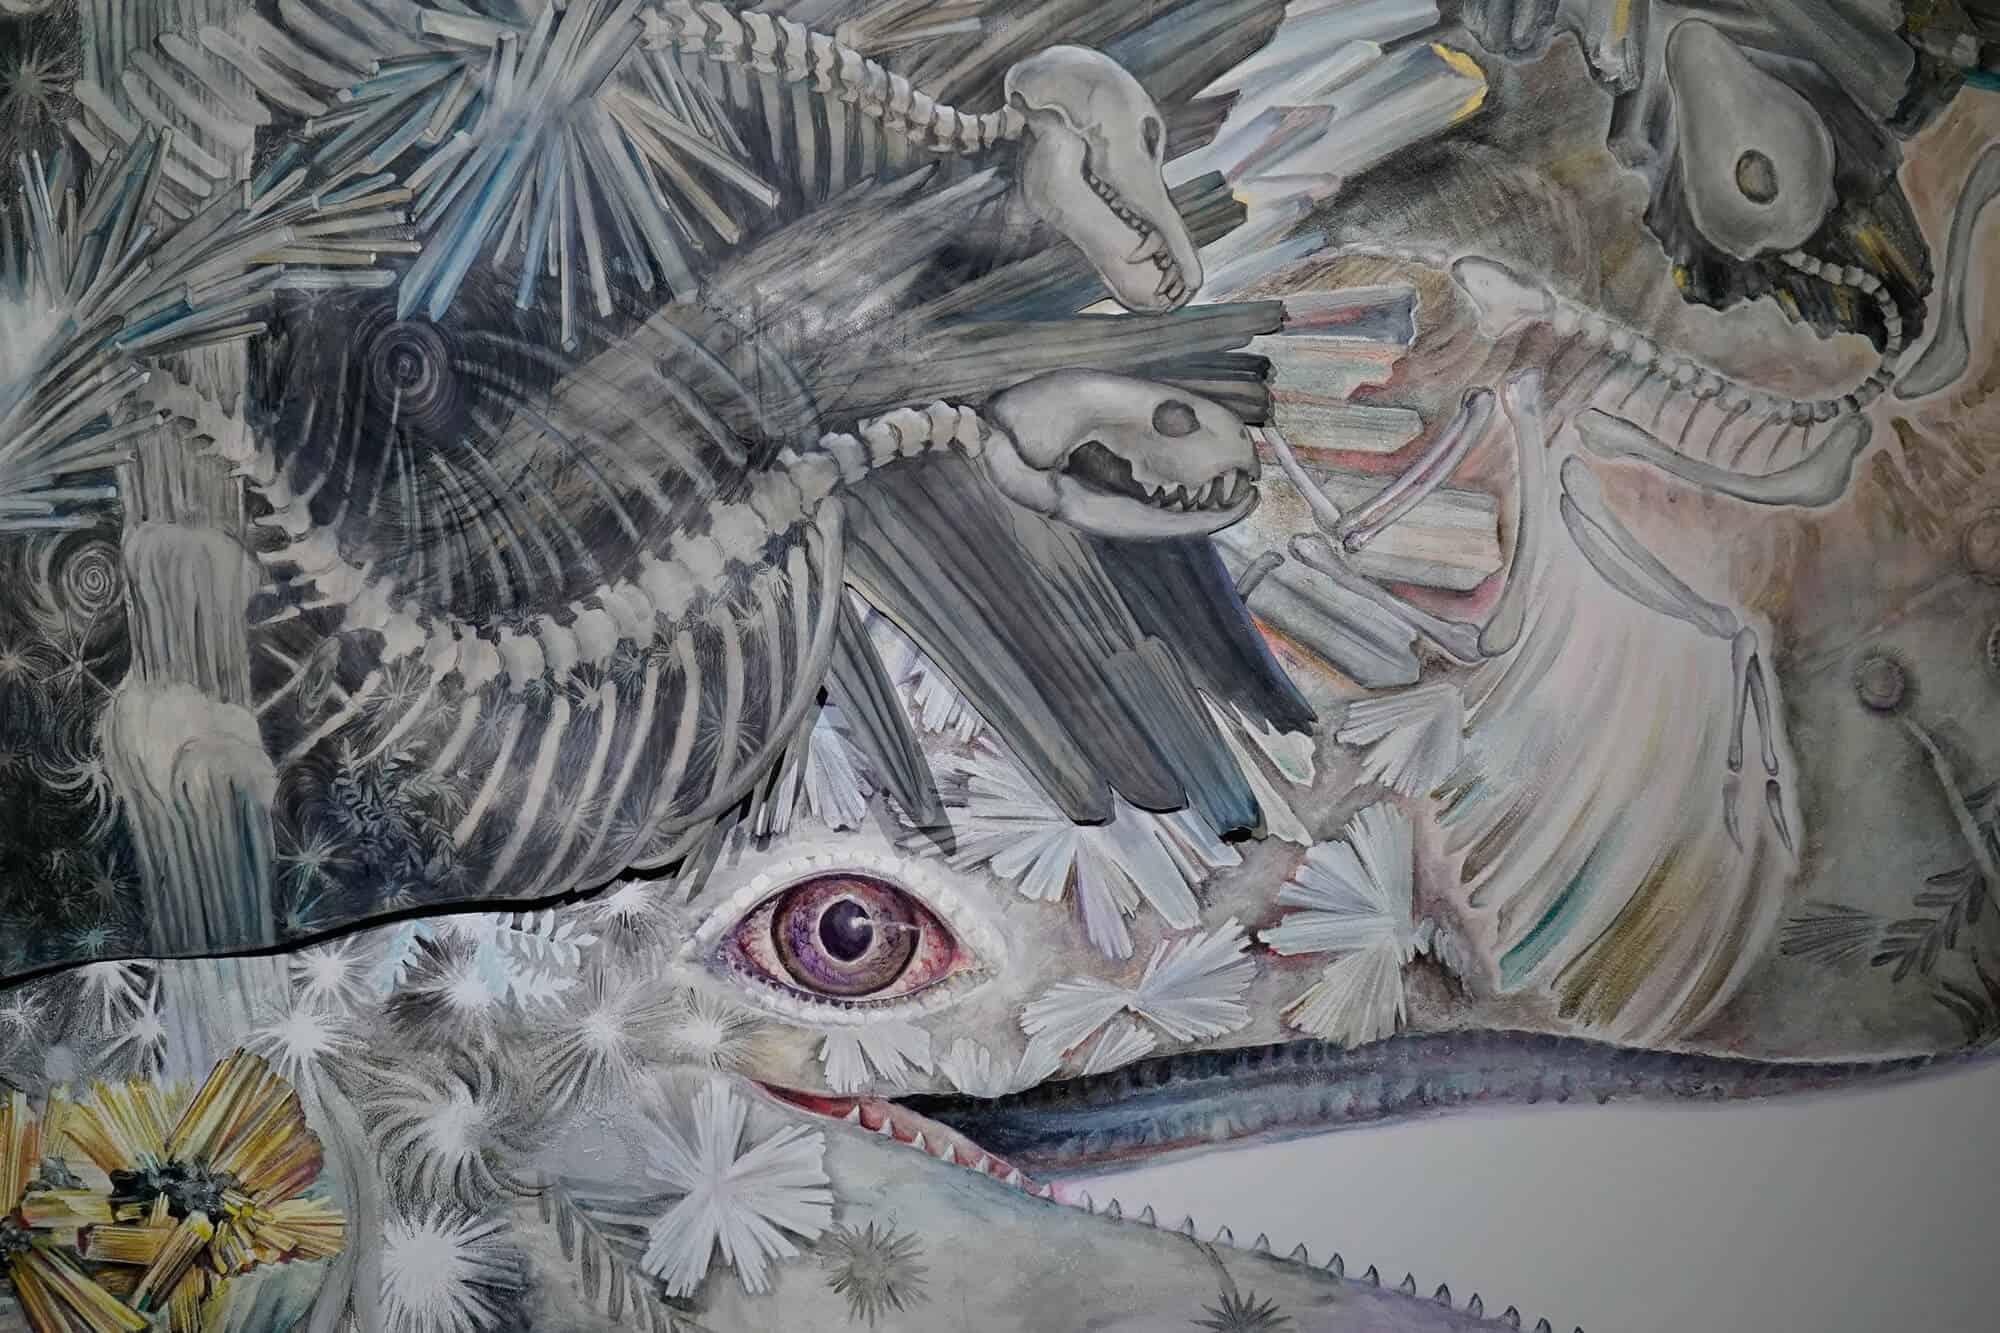 Expositin Maki - Aquarium de Paris